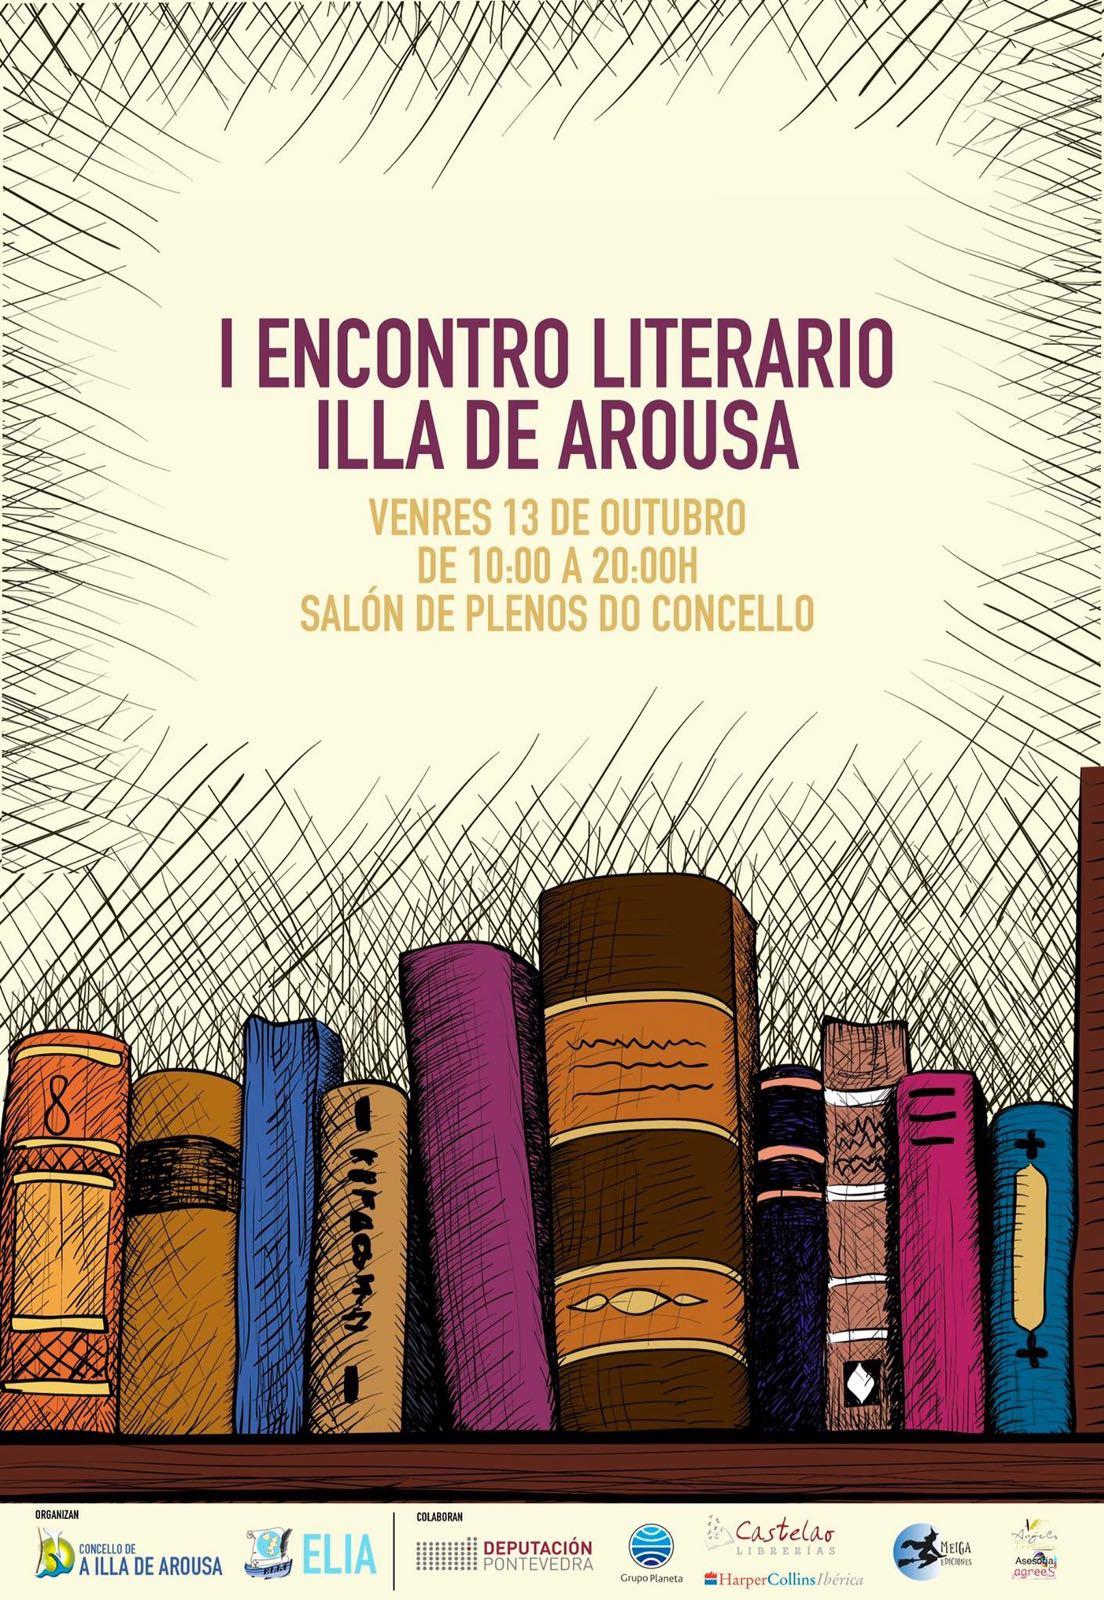 I ENCONTRO LITERARIO A ILLA DE AROUSA